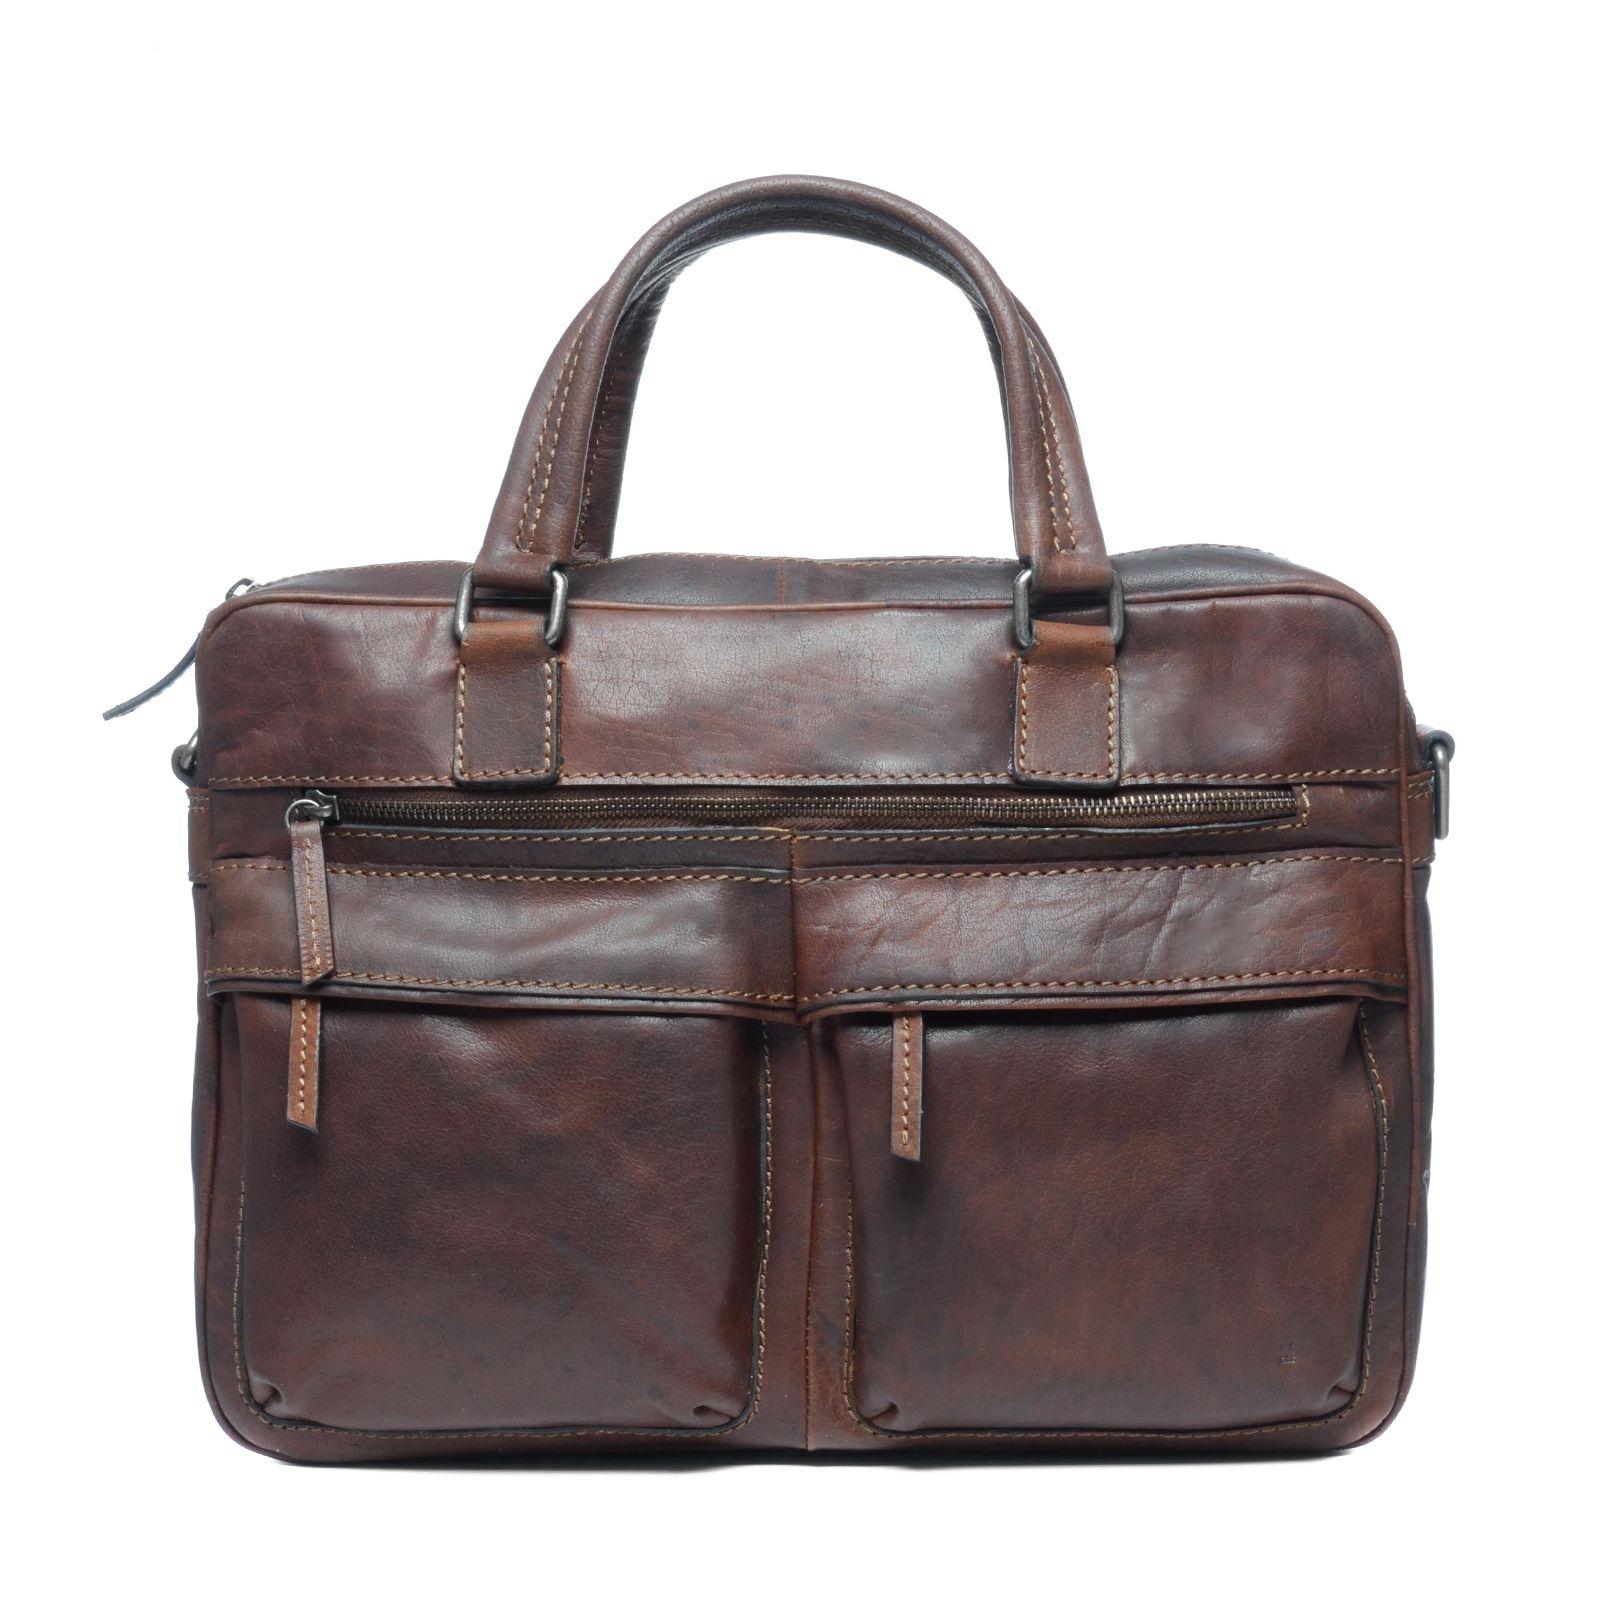 435ee5309dd Cognac kleurige laptoptas - Tassen | MANFIELD